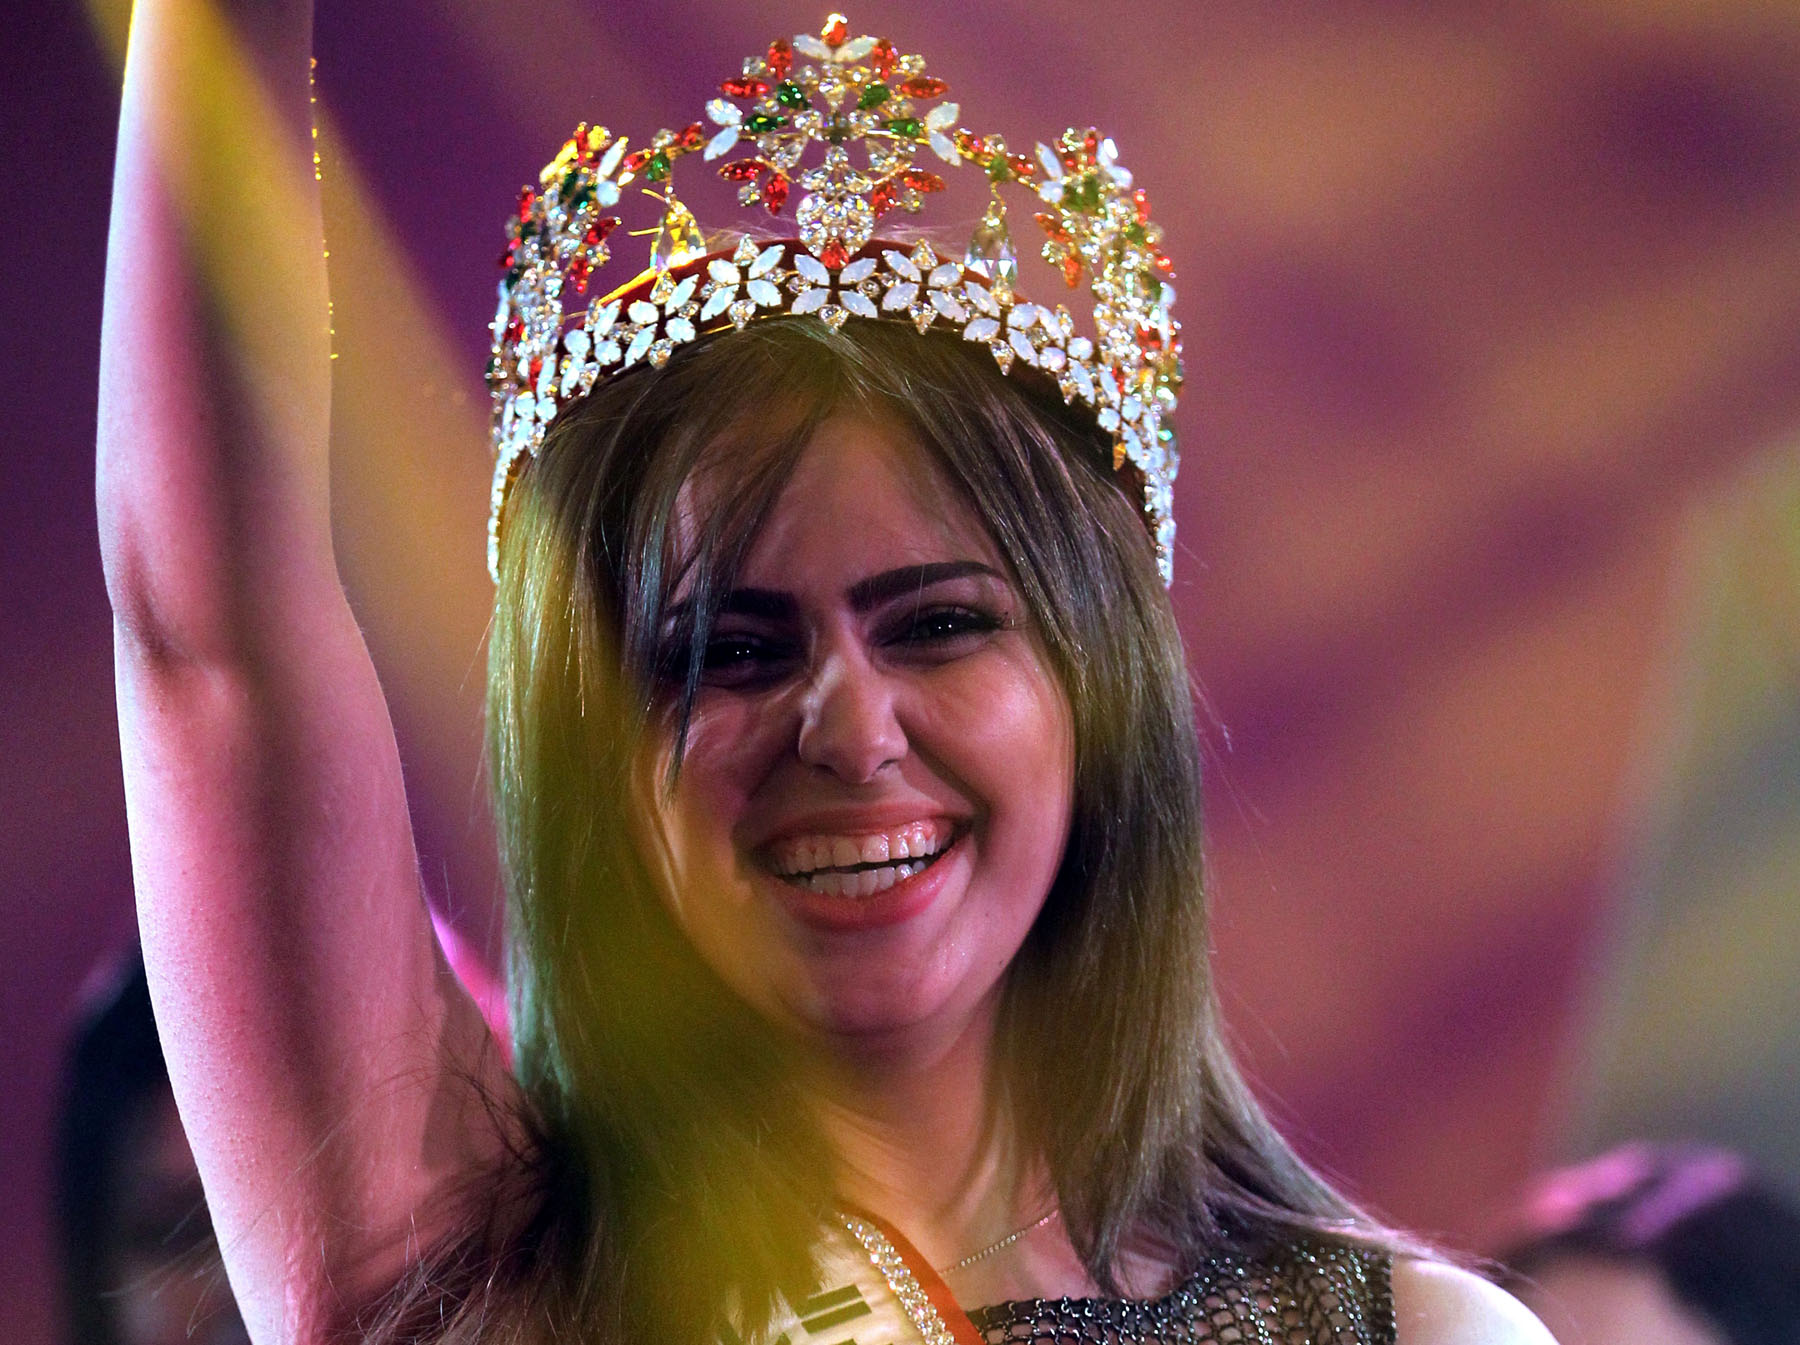 Фото мисс красоты узбекистана наличие прилегающего